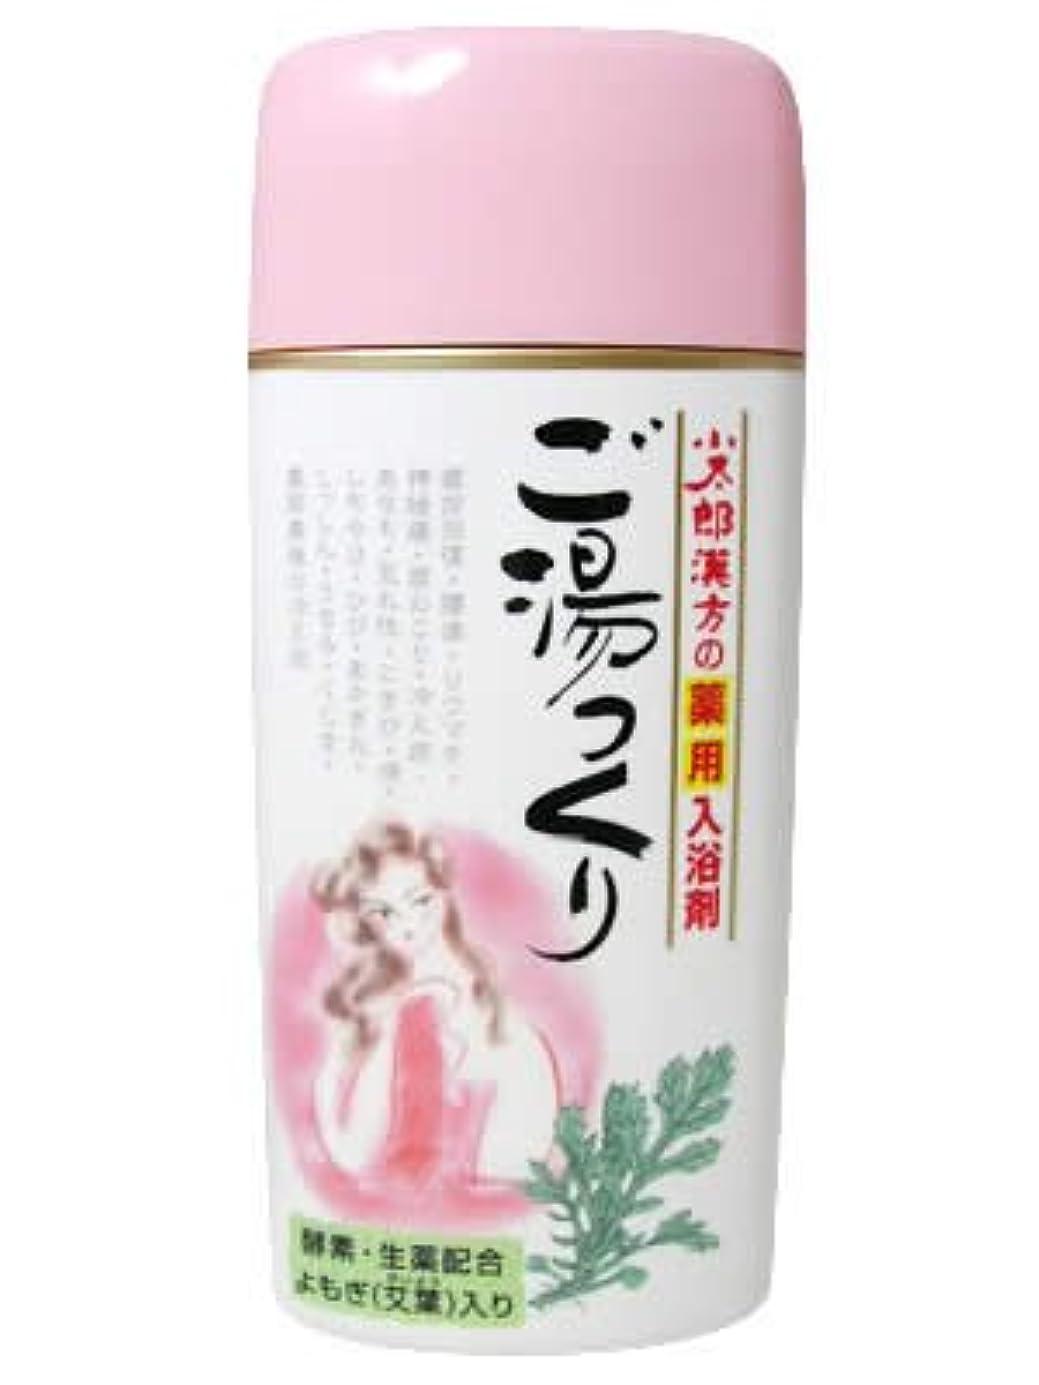 フェザー質素なカリングご湯っくり 500g(入浴剤)